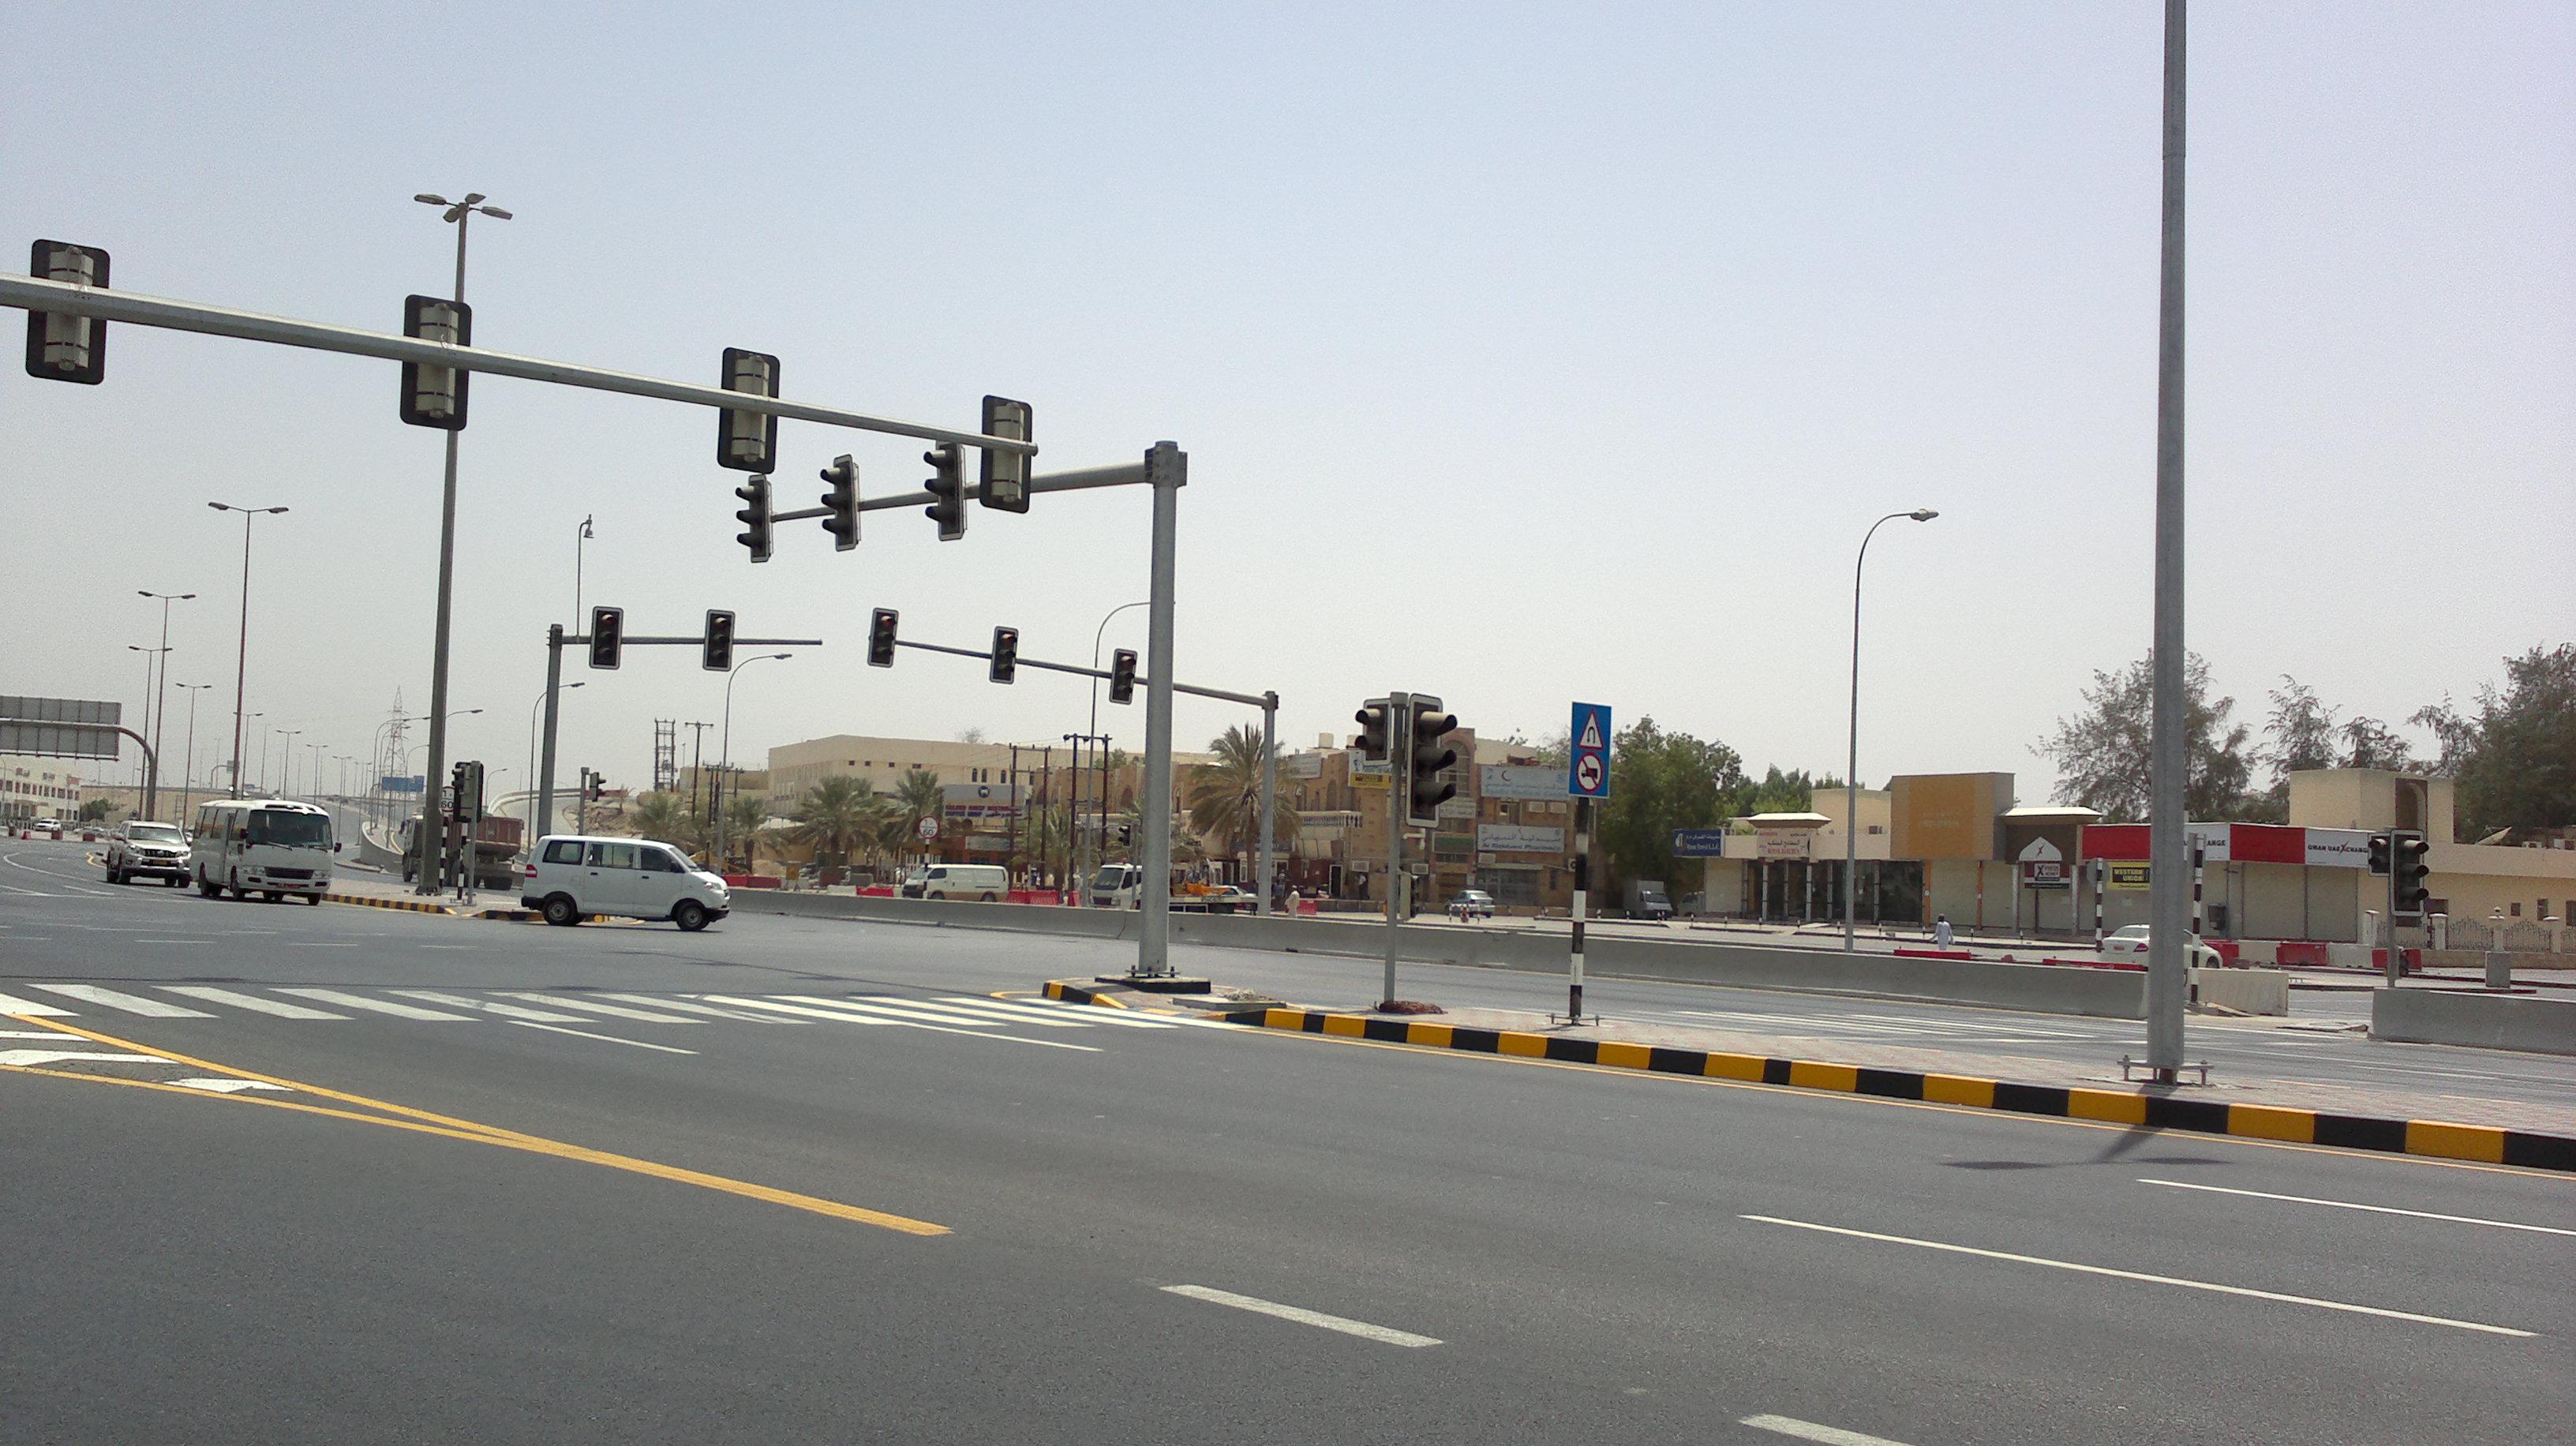 تعطل  بعض الإشارات الضوئية في محافظة مسقط وبركاء